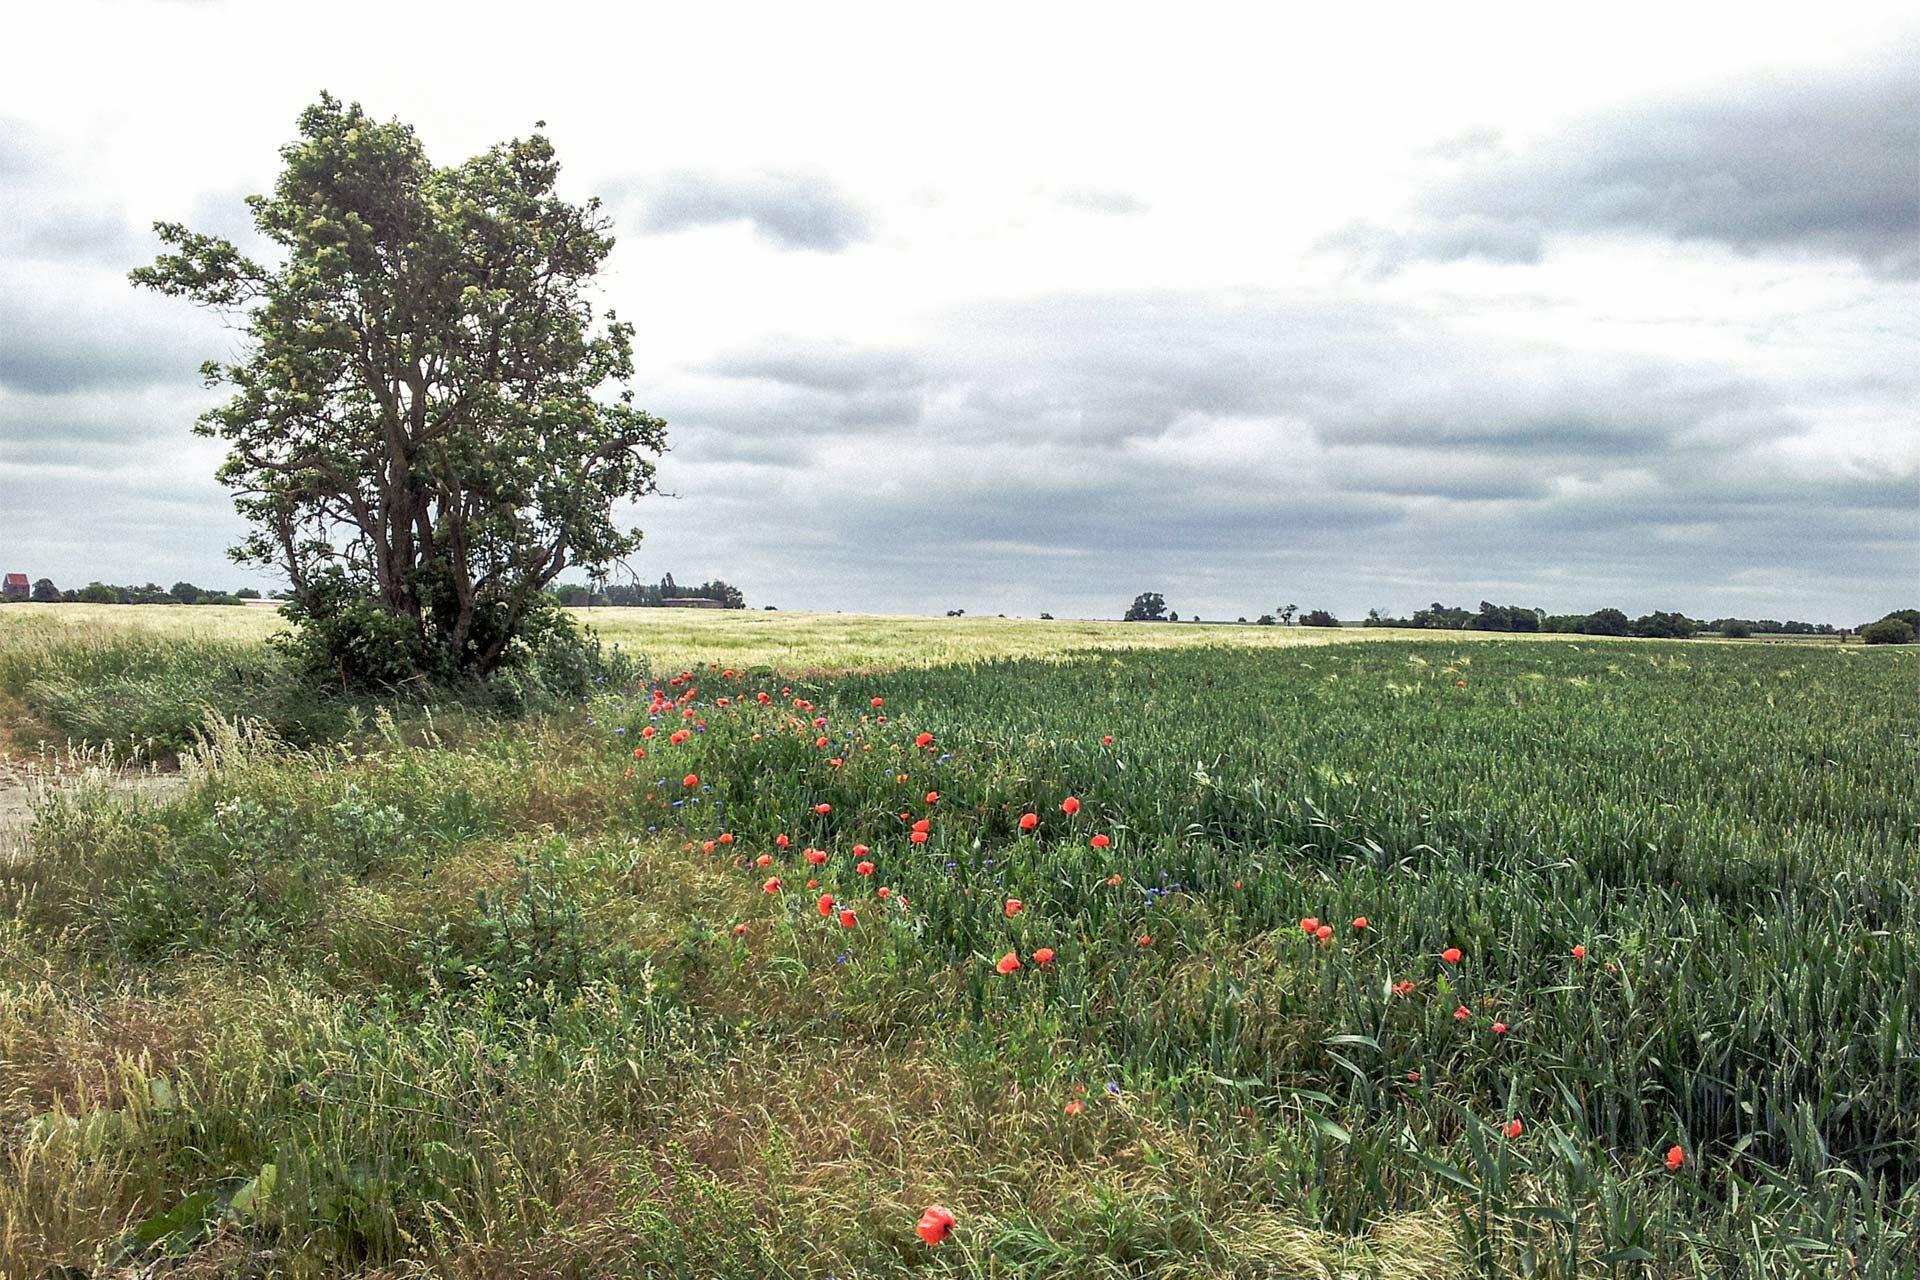 Schlecht, wer auf Roggen allergisch reagiert. Völlig verschnupft kann er die Schönheit dieser Landschaft gar nicht richtig würdigen.